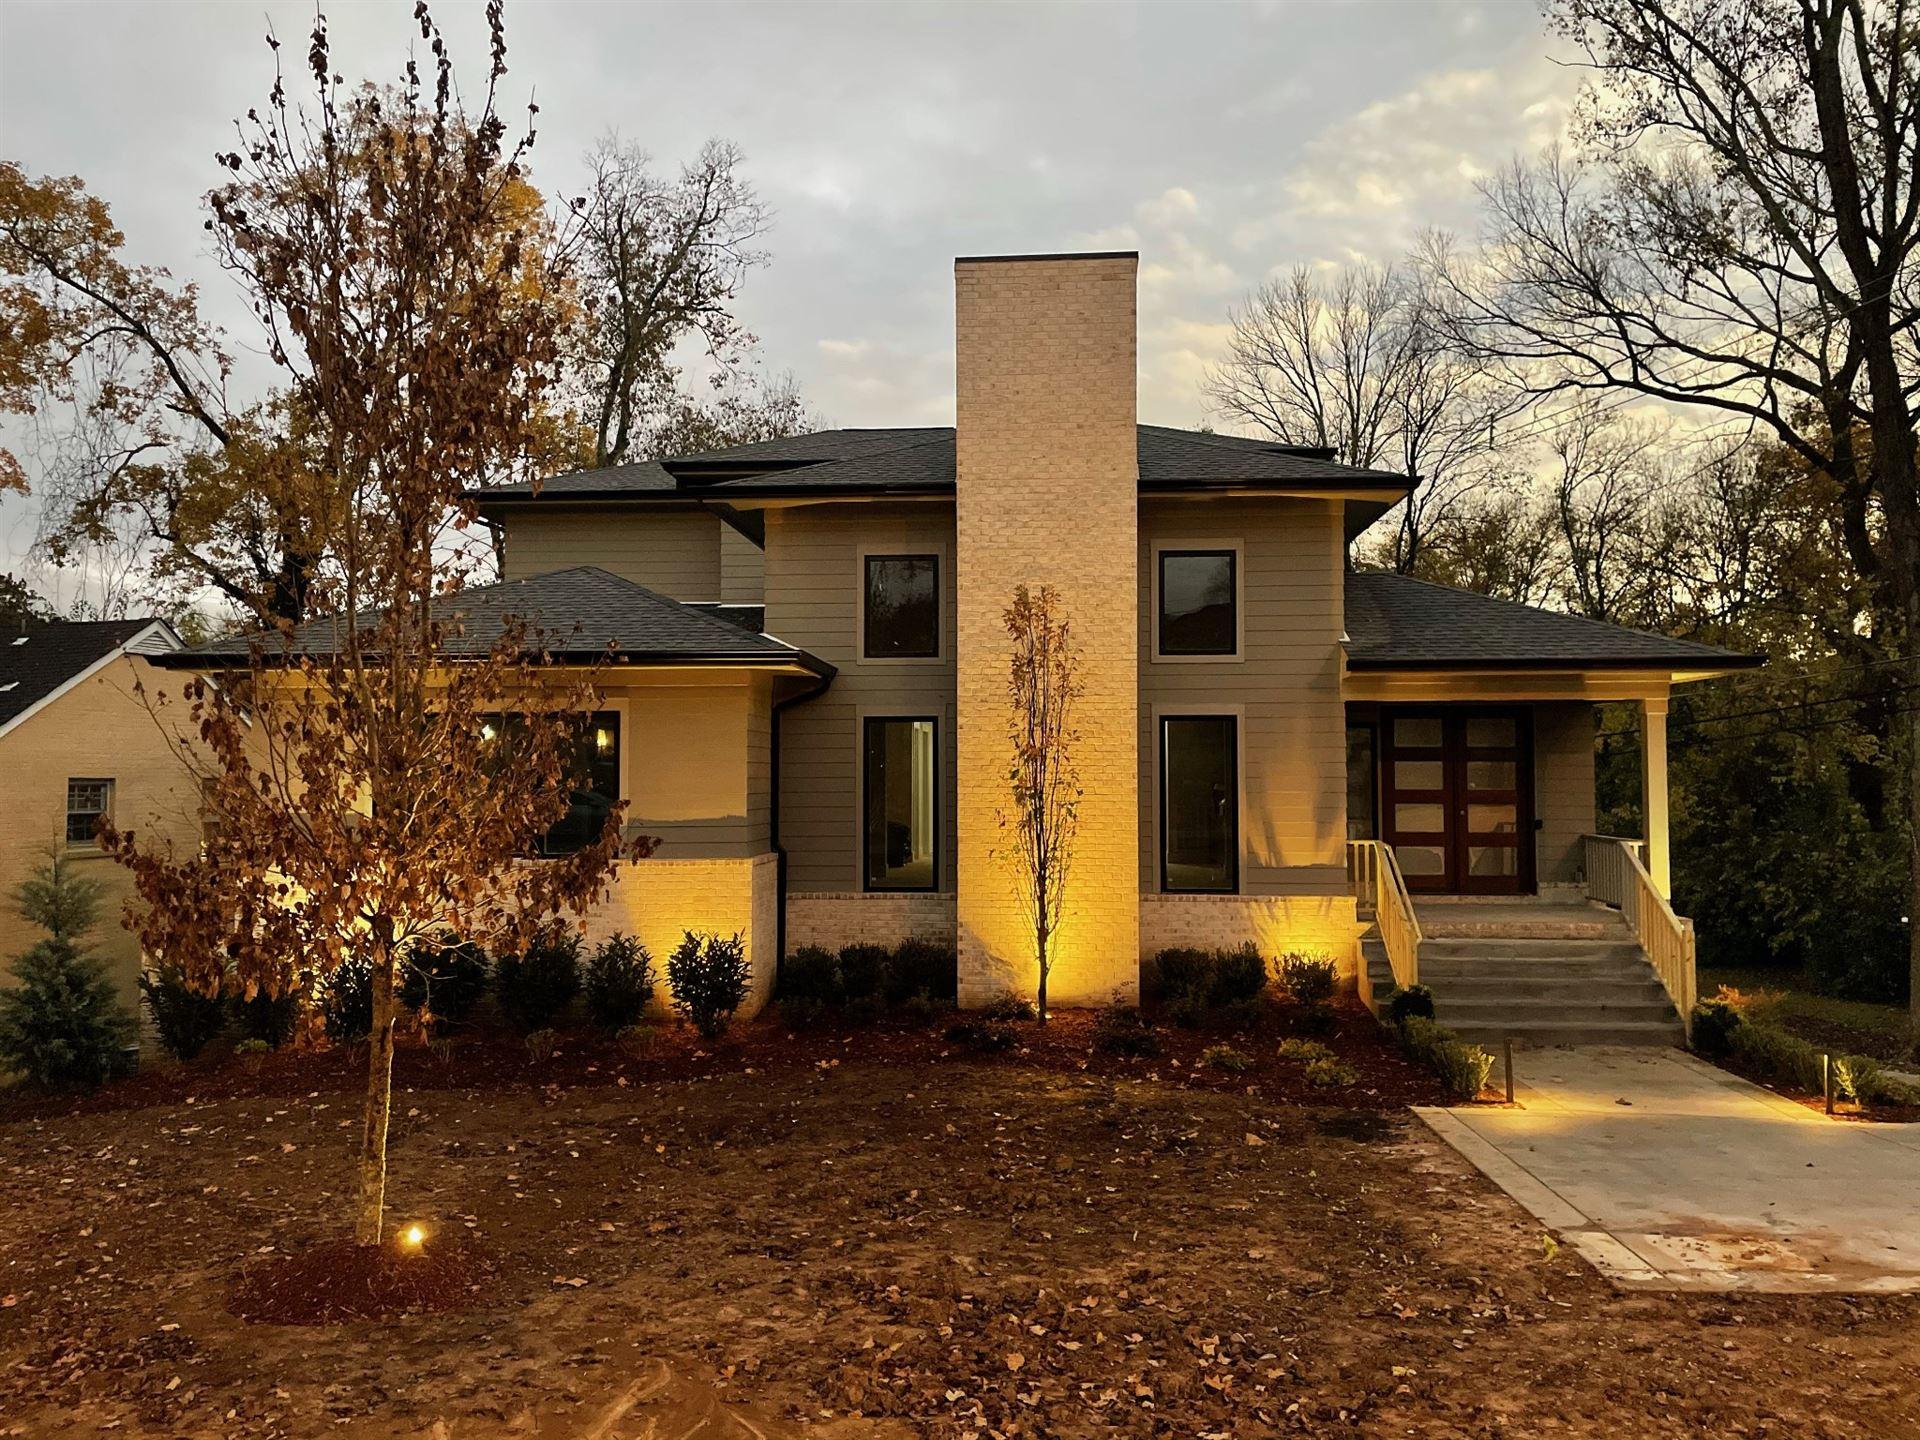 2143 Sharondale Dr, Nashville, TN 37215 - MLS#: 2173866